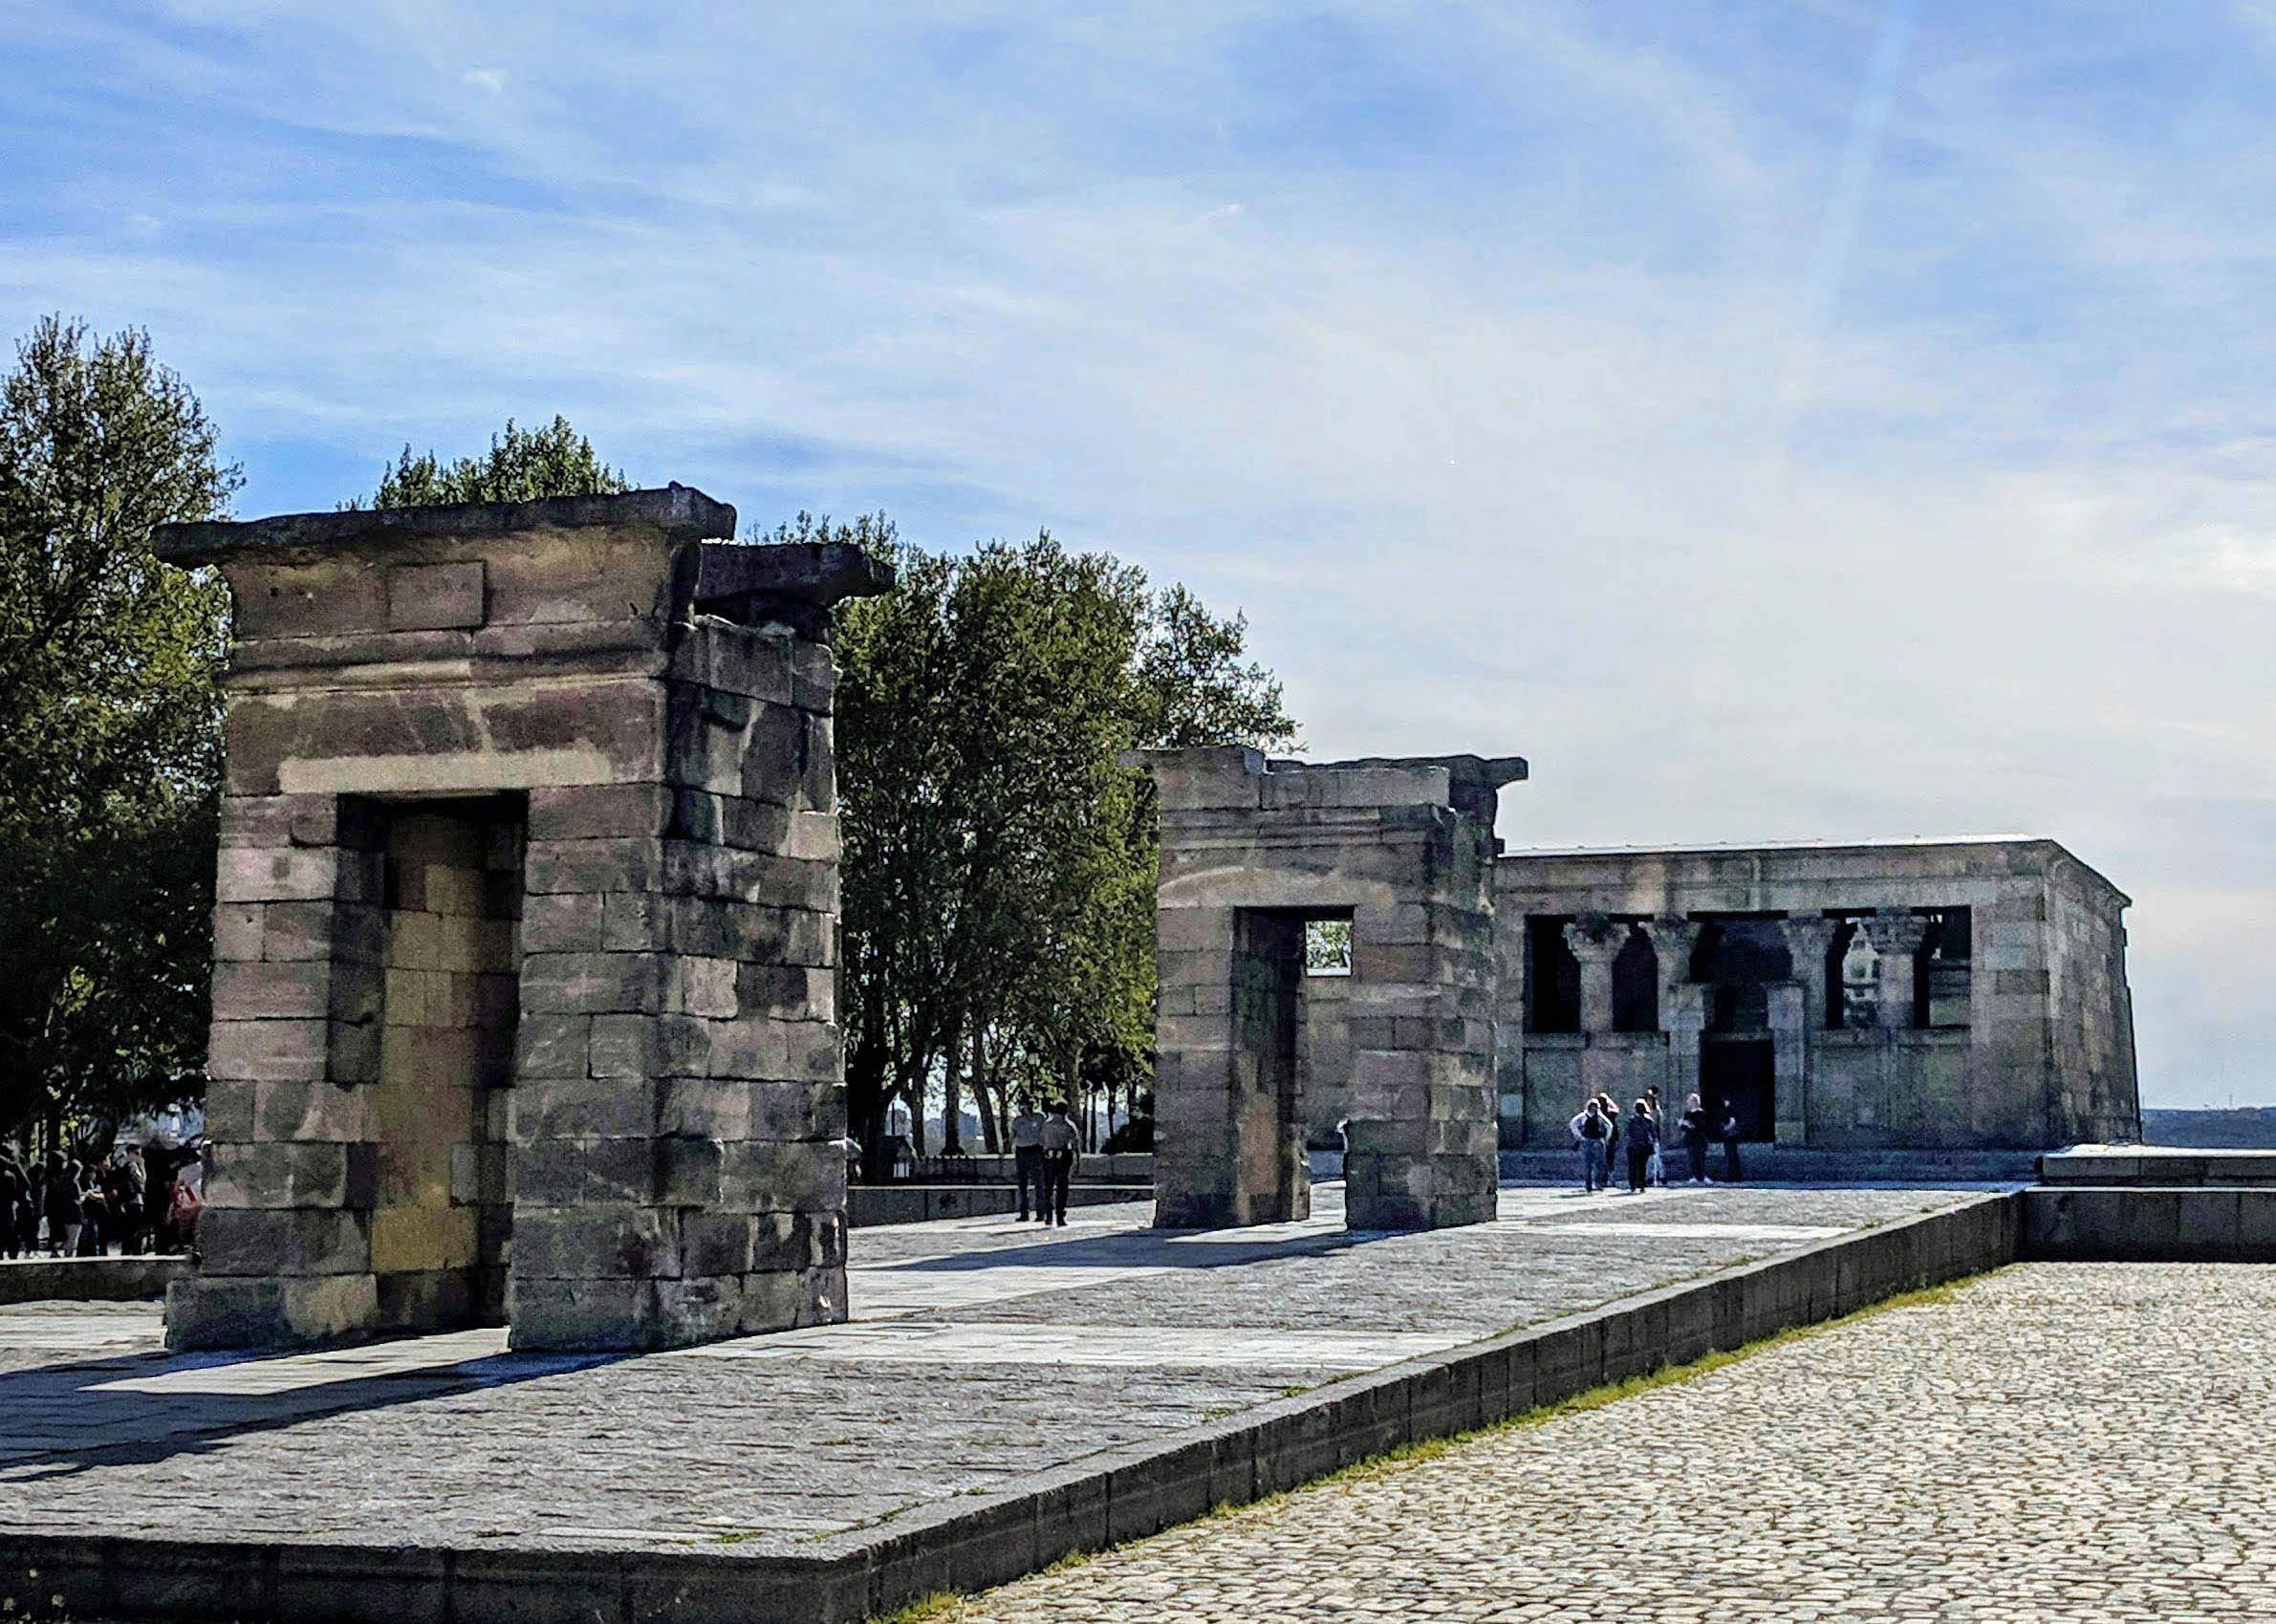 Templo de Debod, parque de la Oeste, Madrid